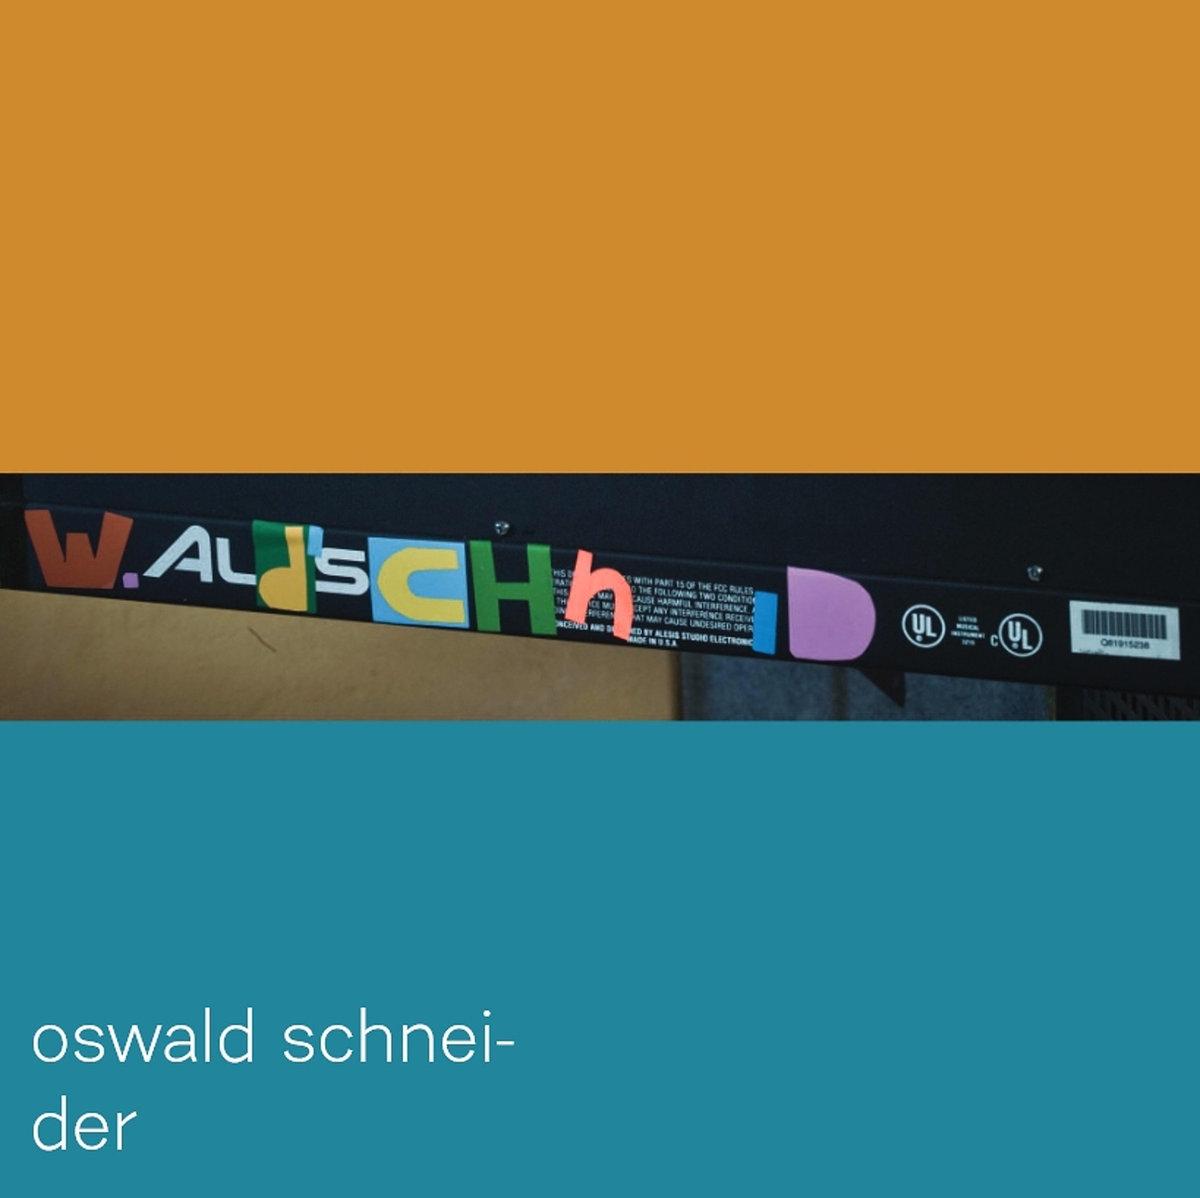 Oswald Schneider: wald schneid